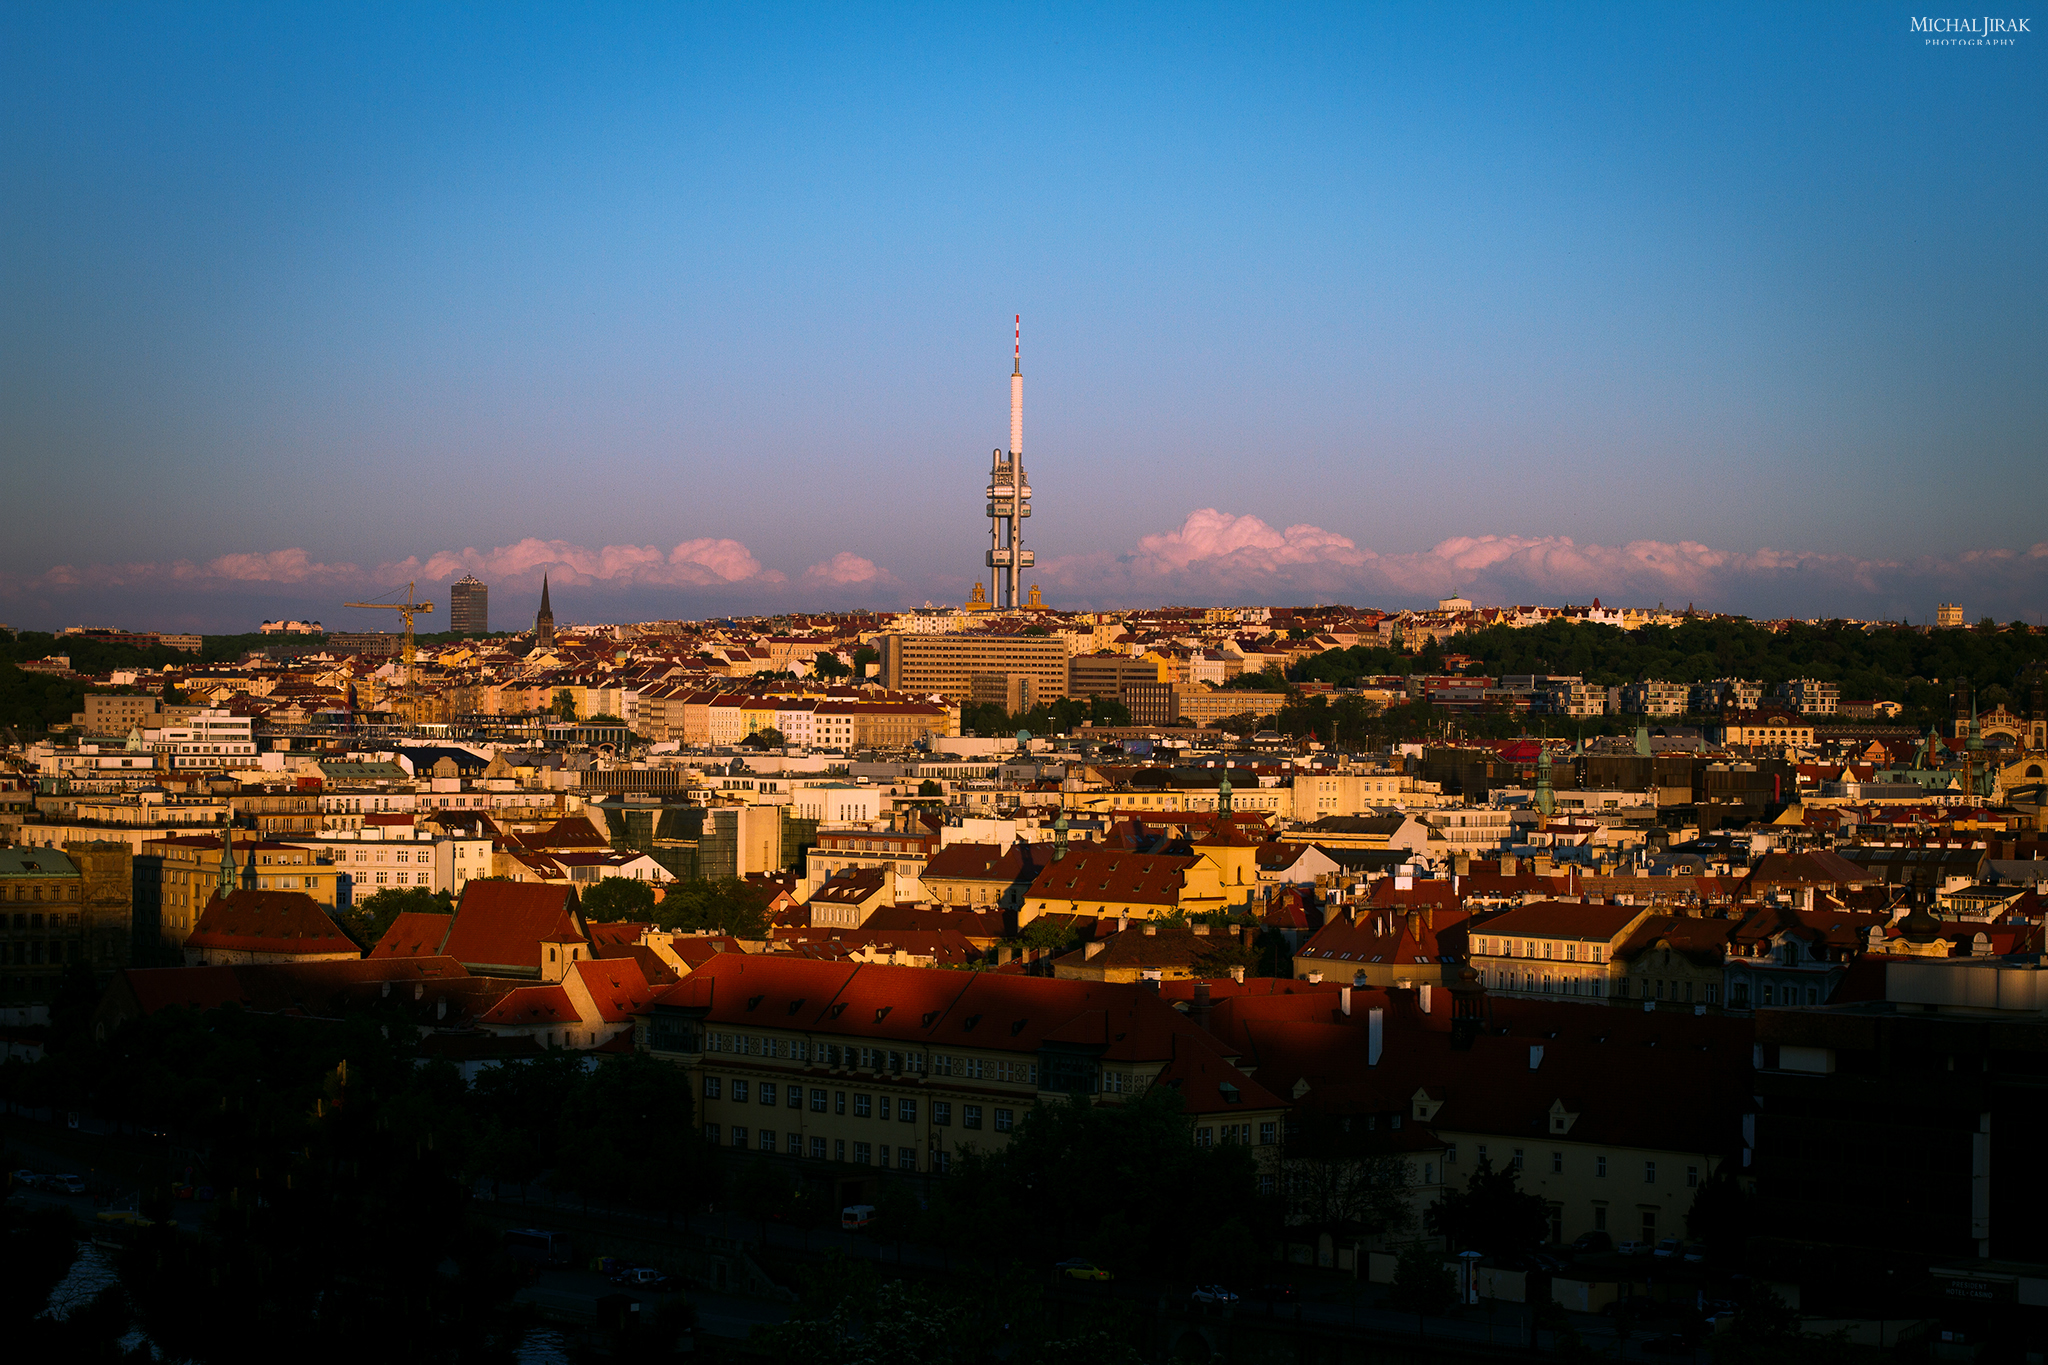 """Michal Jirák: """"Foceno od metronomu na Letné. Líbilo se mi, jak je na spodní části fotky už stín a Žizkovská věž je nasvícená. Mraky za ní mi přijdou skoro jako hory."""""""